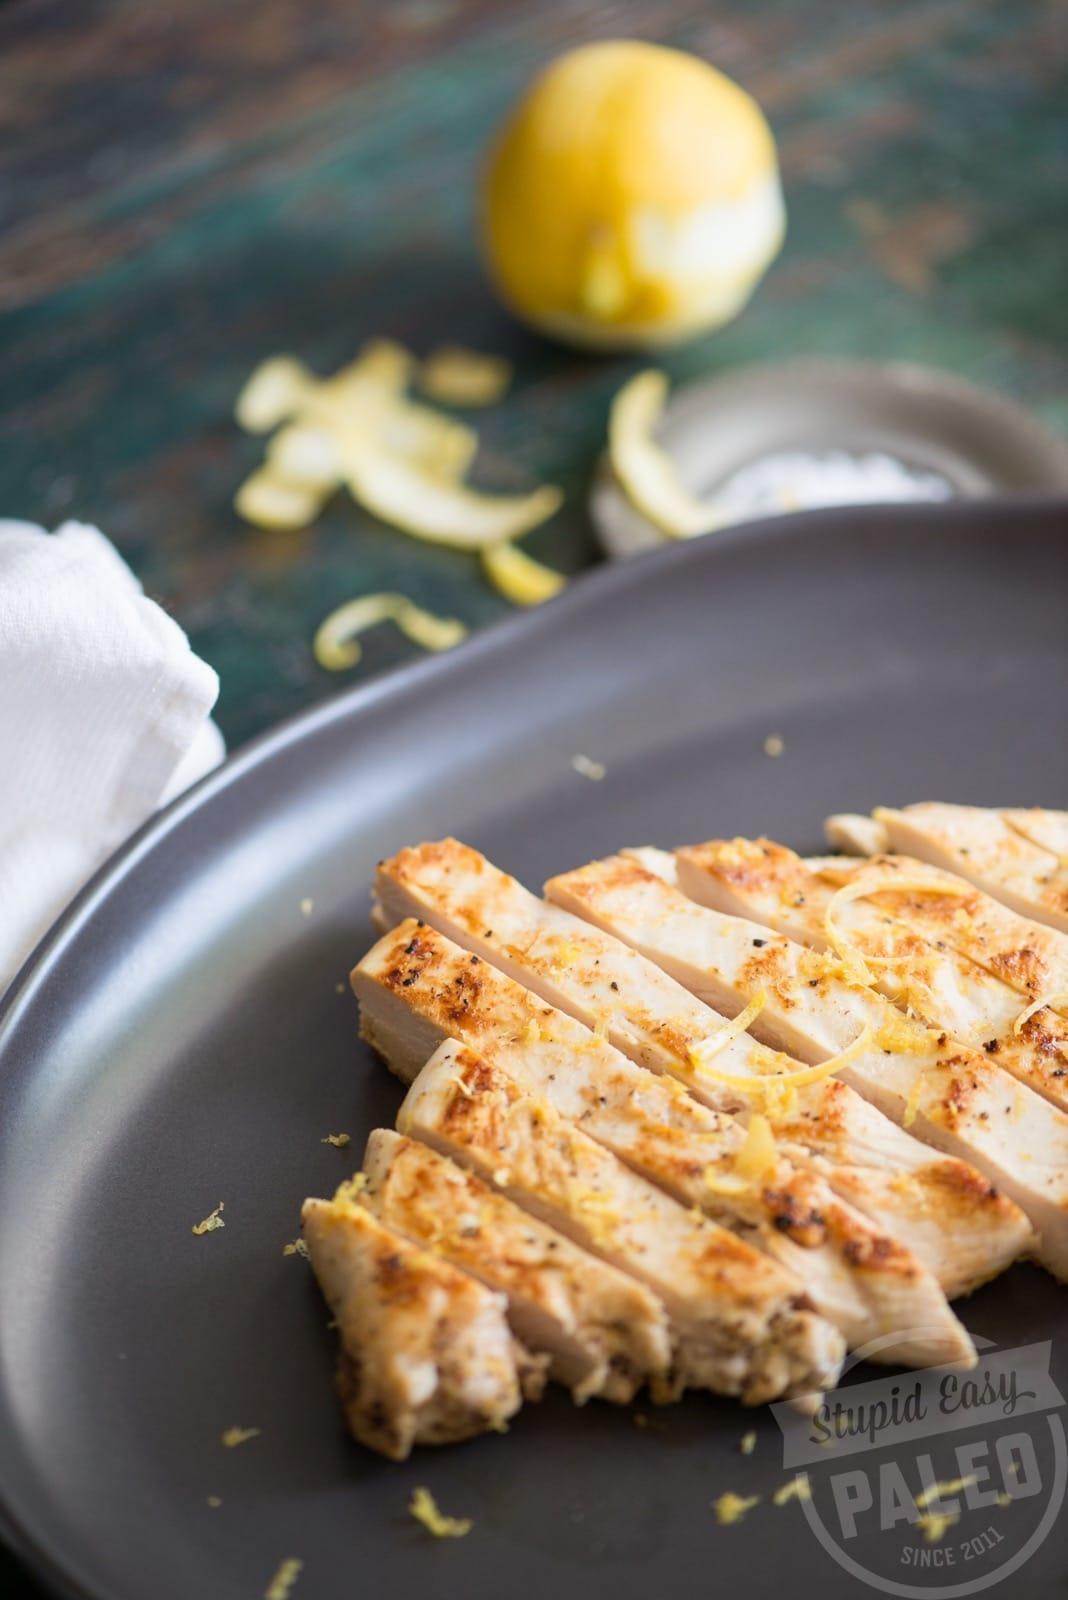 Easy Pan-Fried Lemon Chicken | stephgaudreau.com